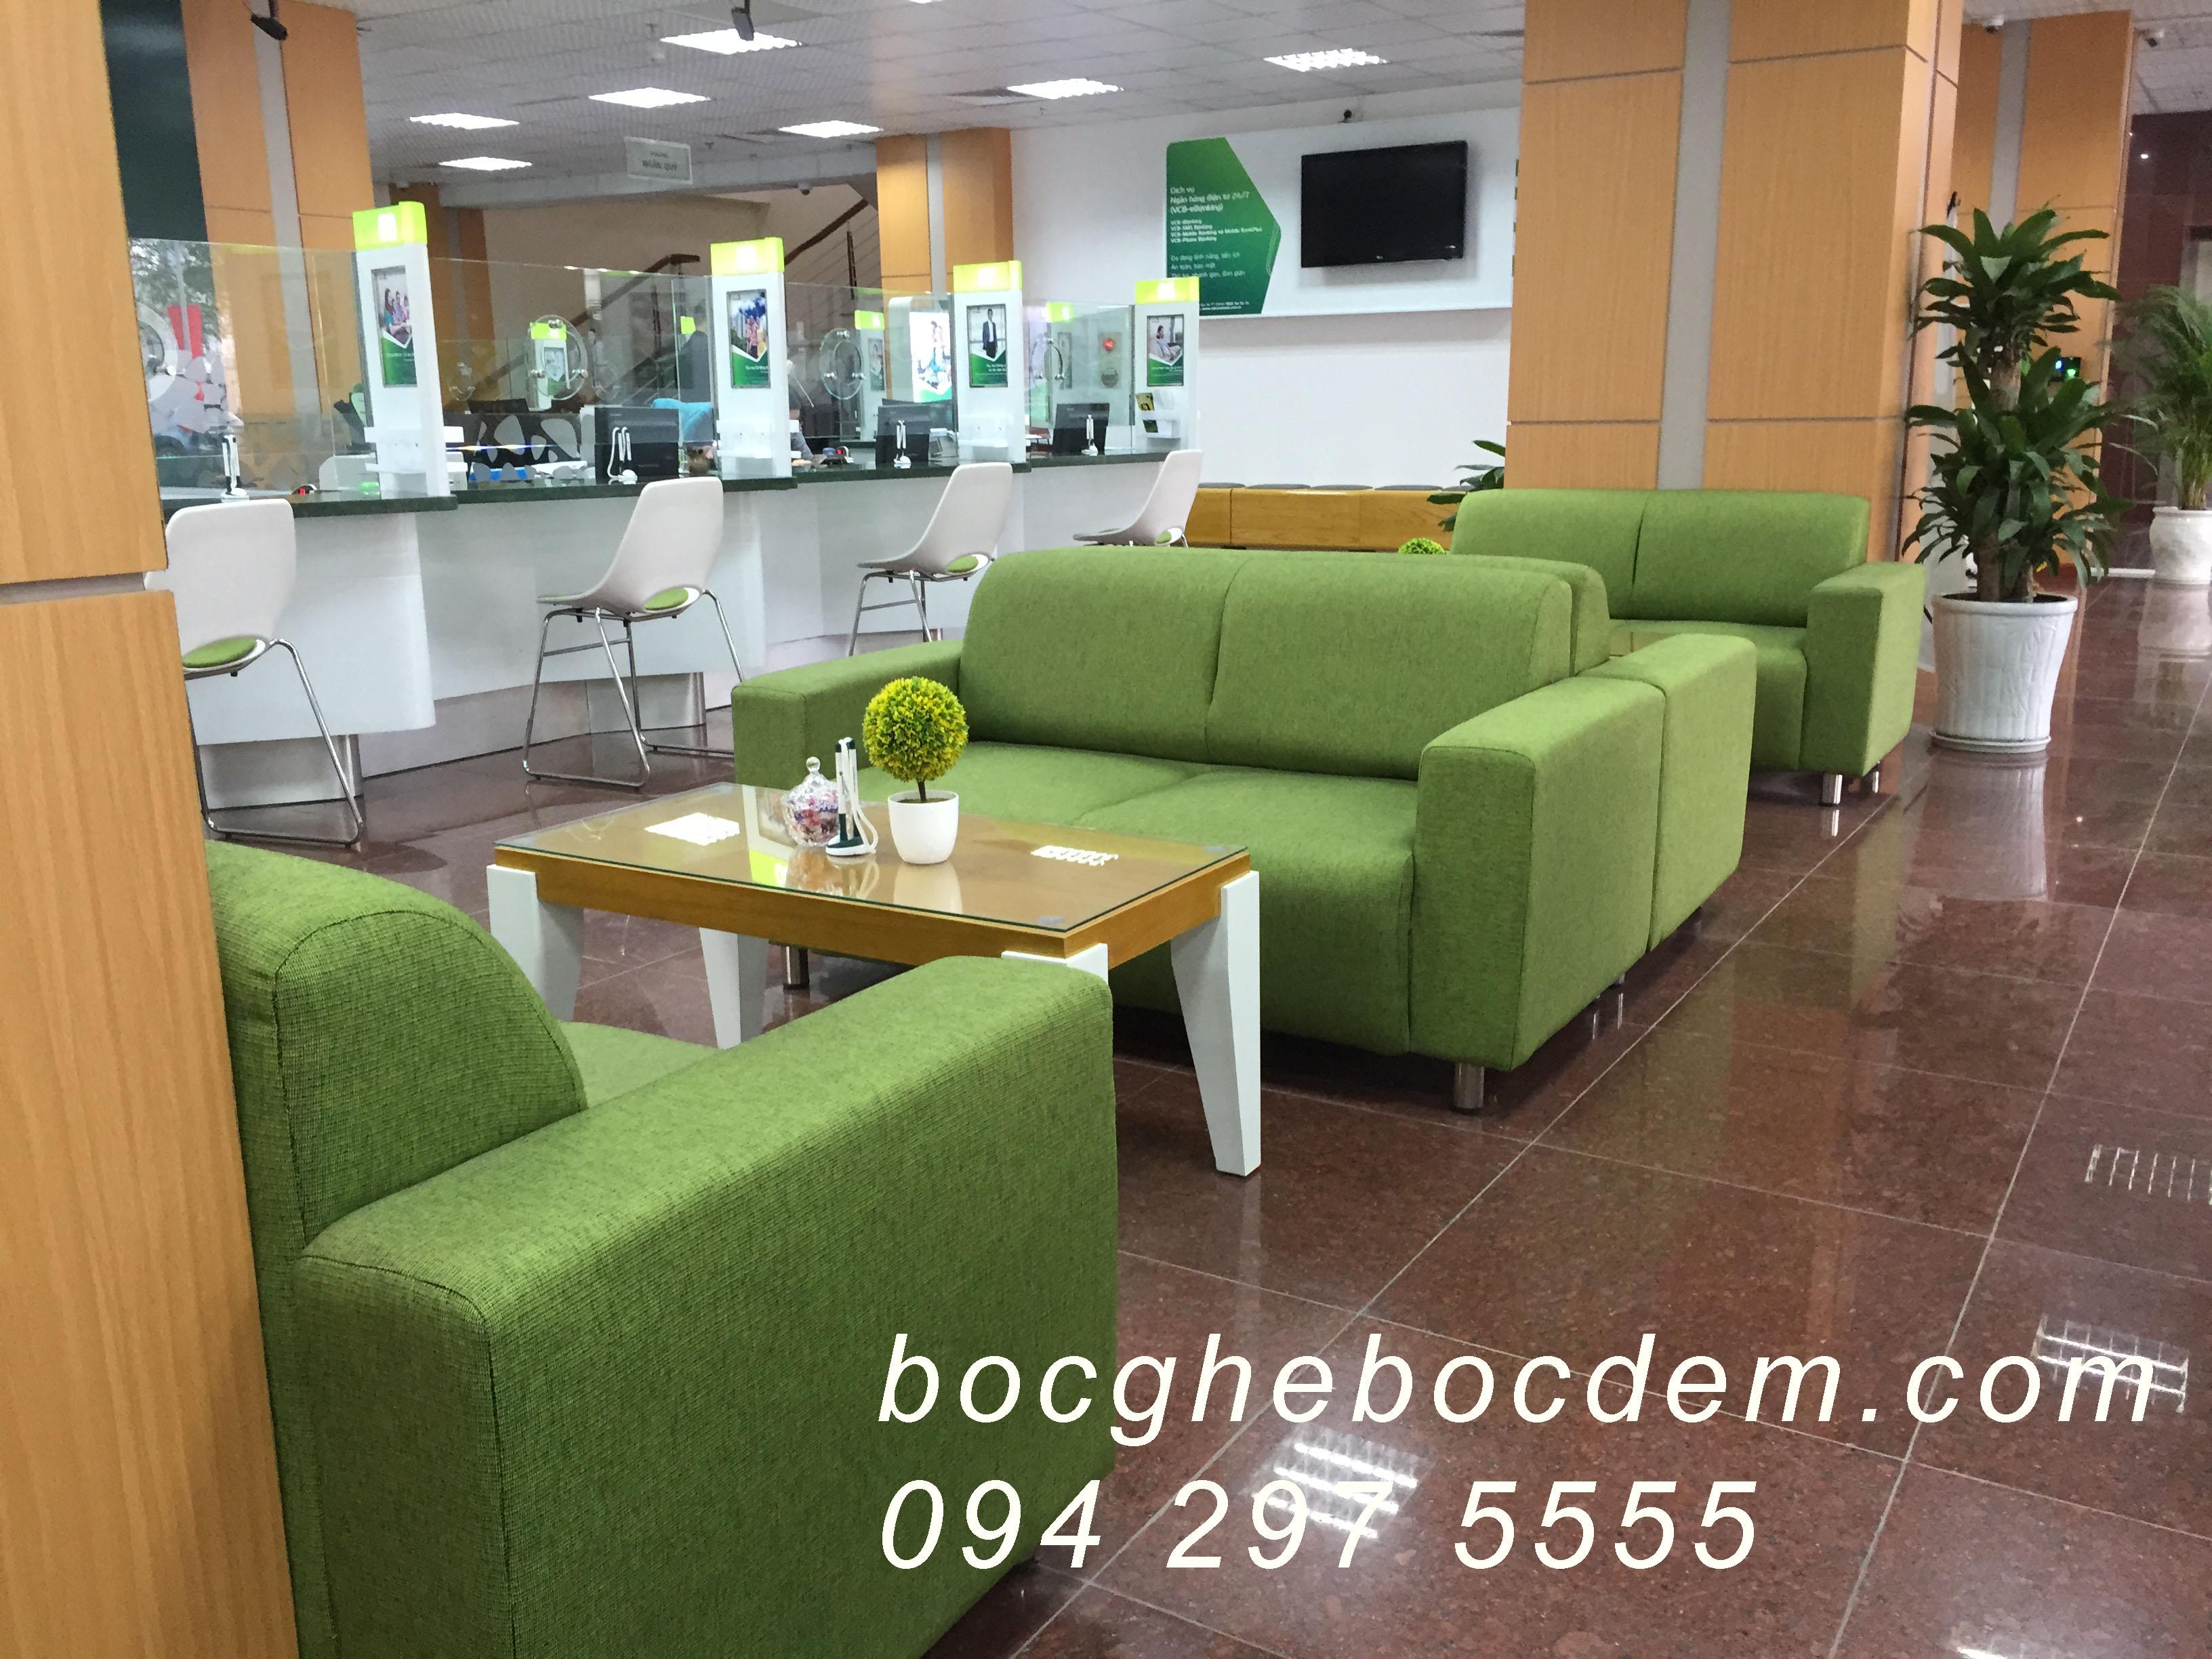 Bọc ghế sofa nỉ ngân hàng vietcombank chi nhánh hà tây -lê văn lương